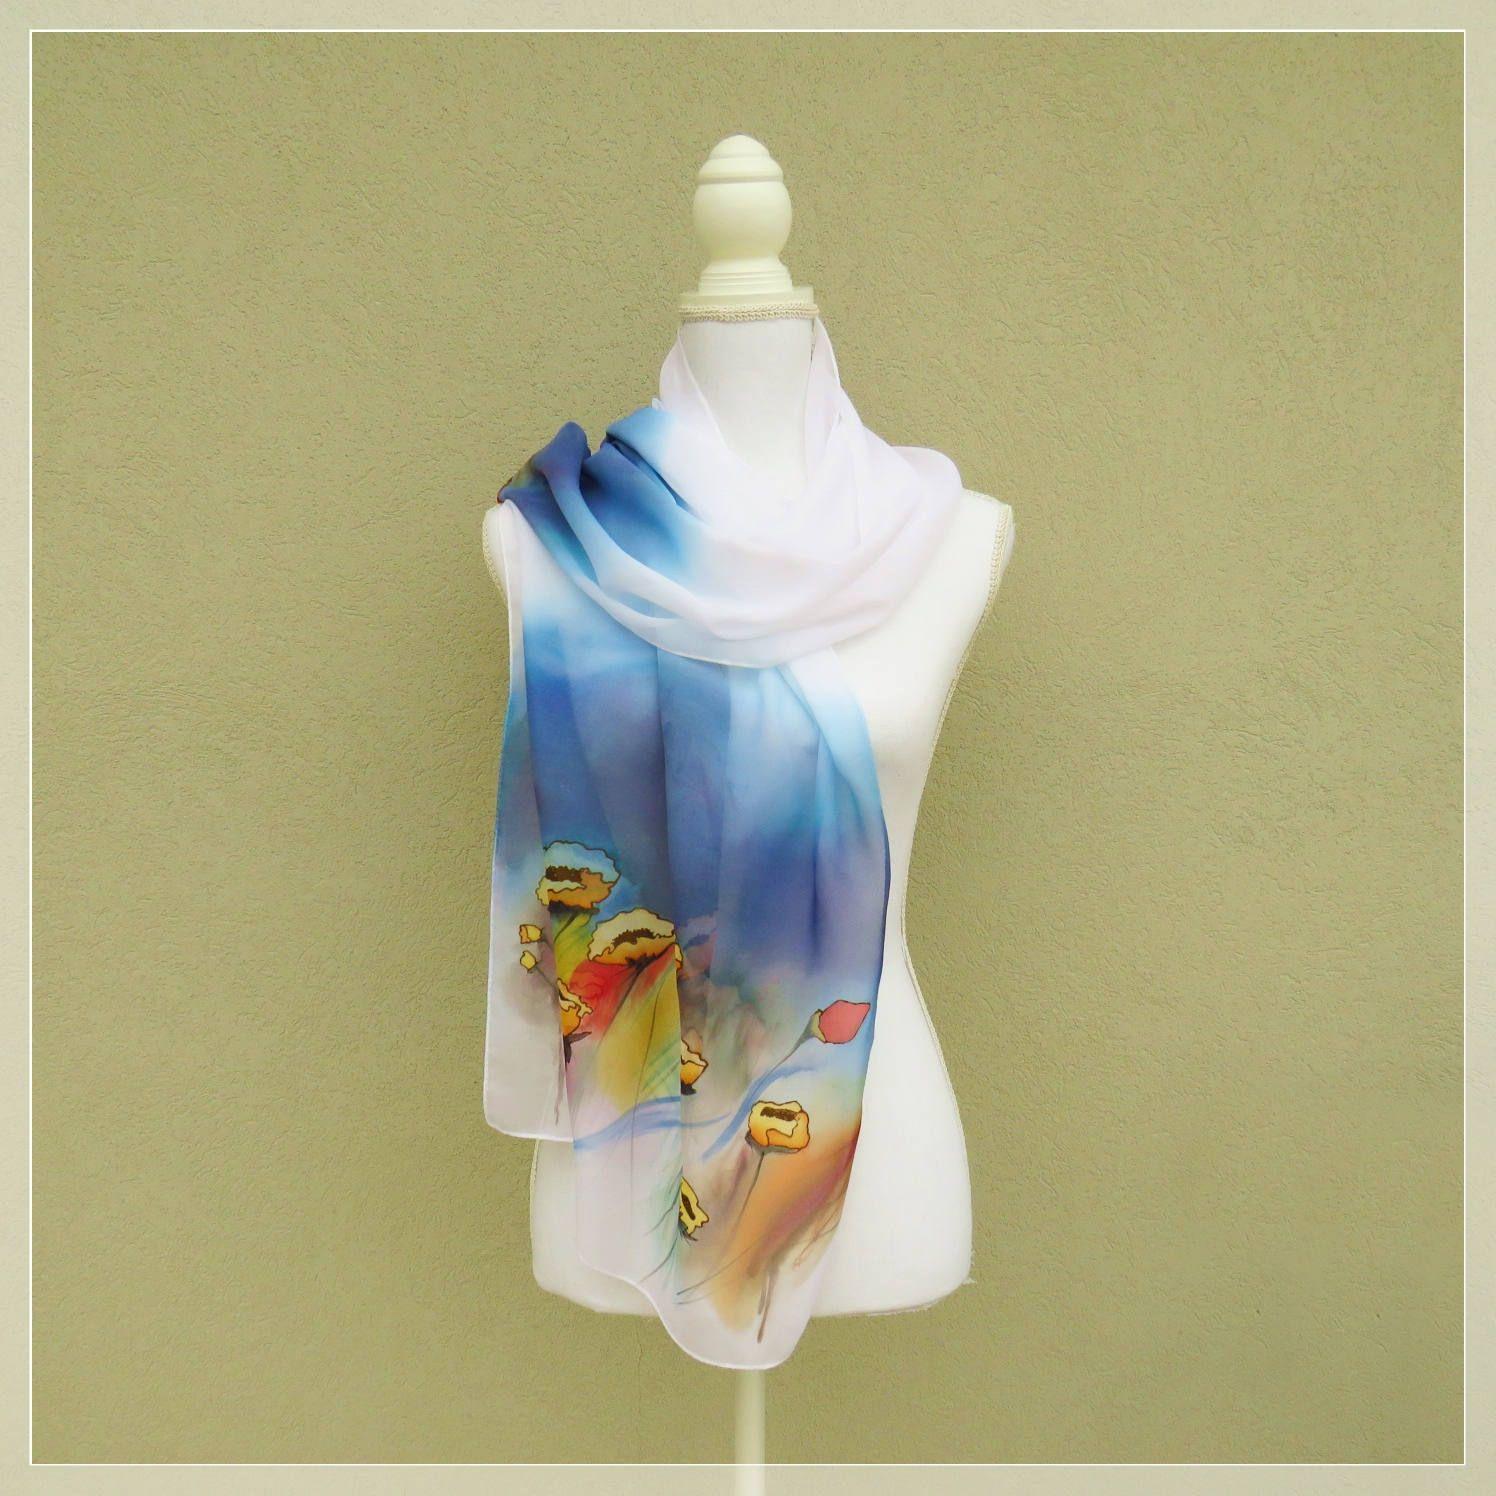 a basso prezzo più alla moda pacchetto alla moda e attraente Scarf with yellow poppies in hand painted silk, scarf yellow ...